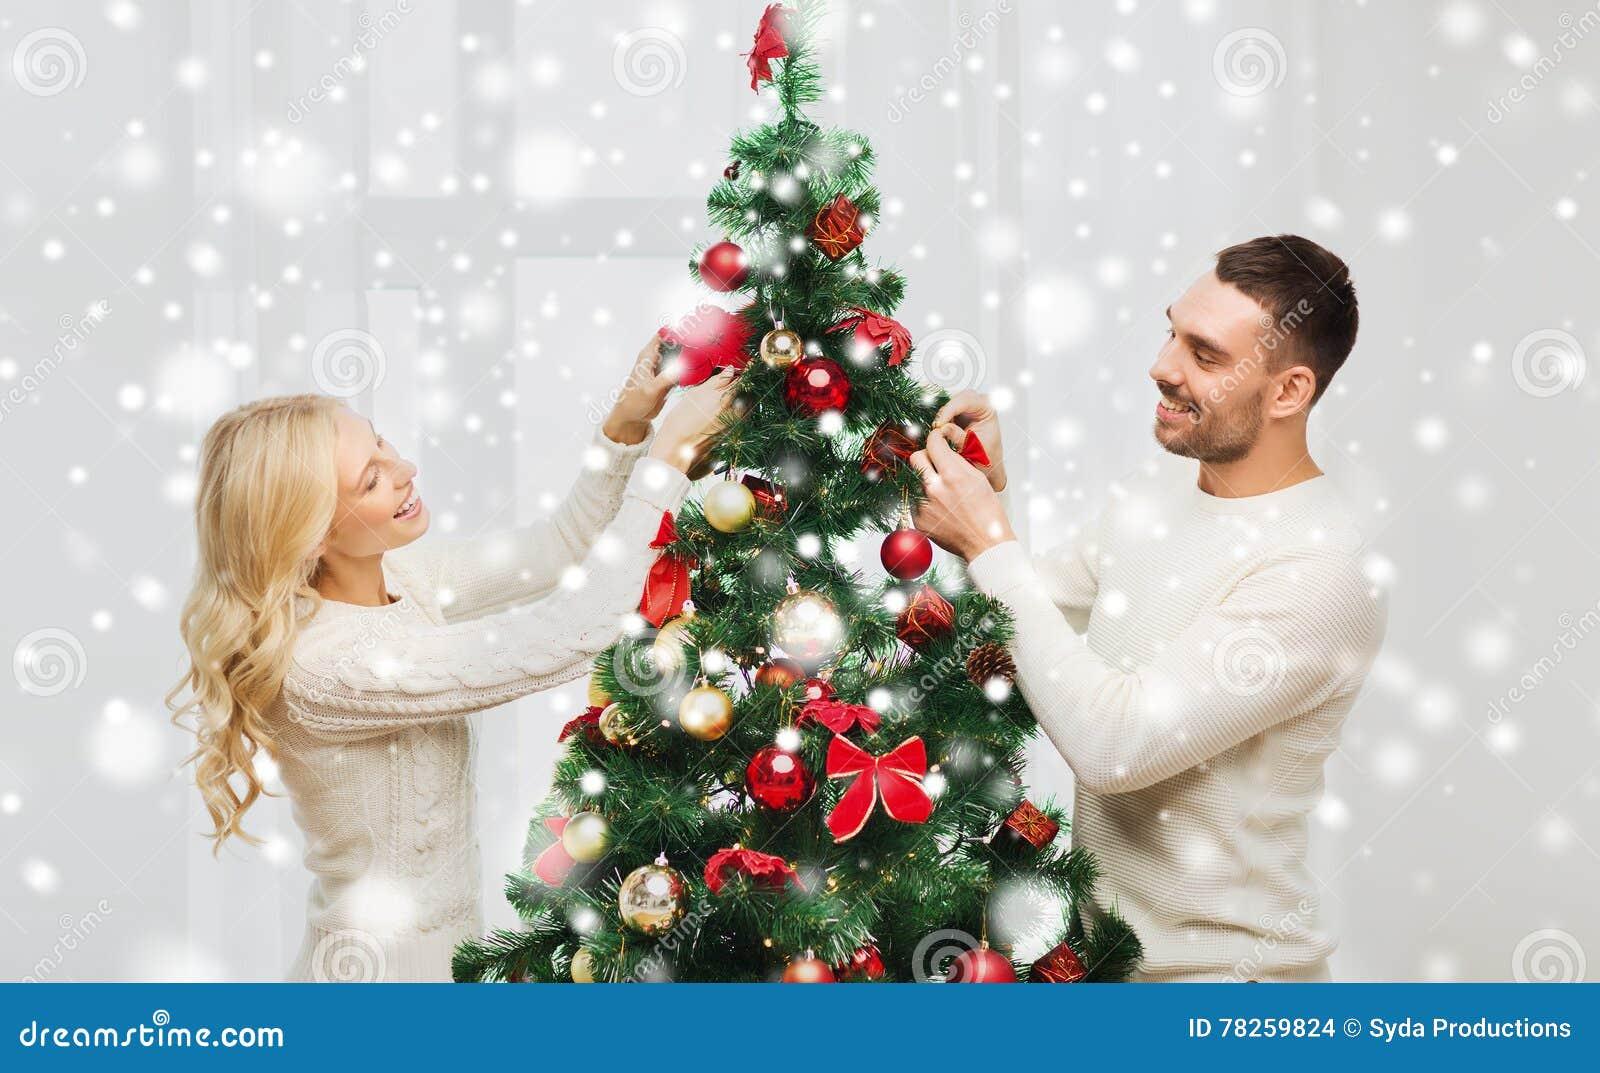 Ευτυχές ζεύγος που διακοσμεί το χριστουγεννιάτικο δέντρο στο σπίτι